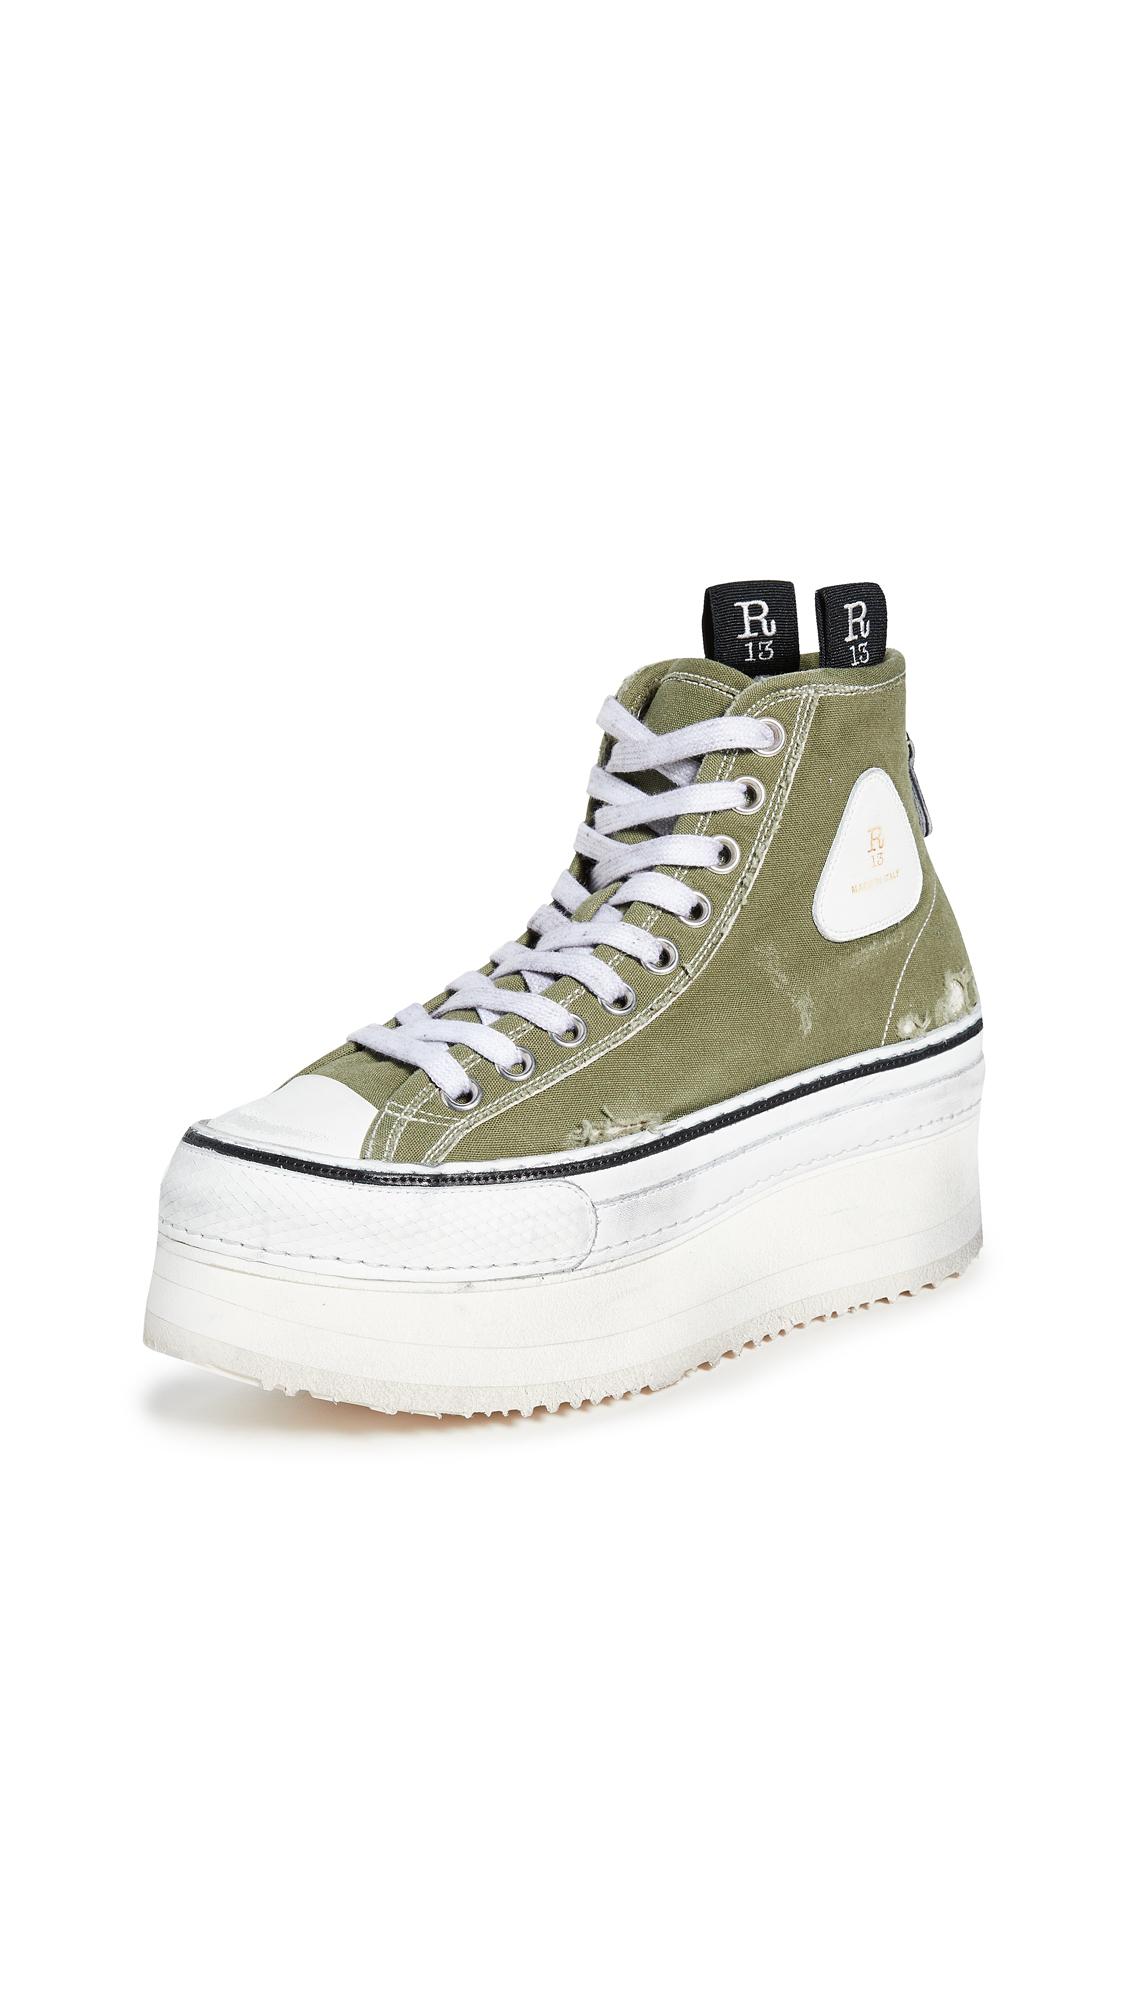 Buy R13 Platform High Top Sneakers online, shop R13